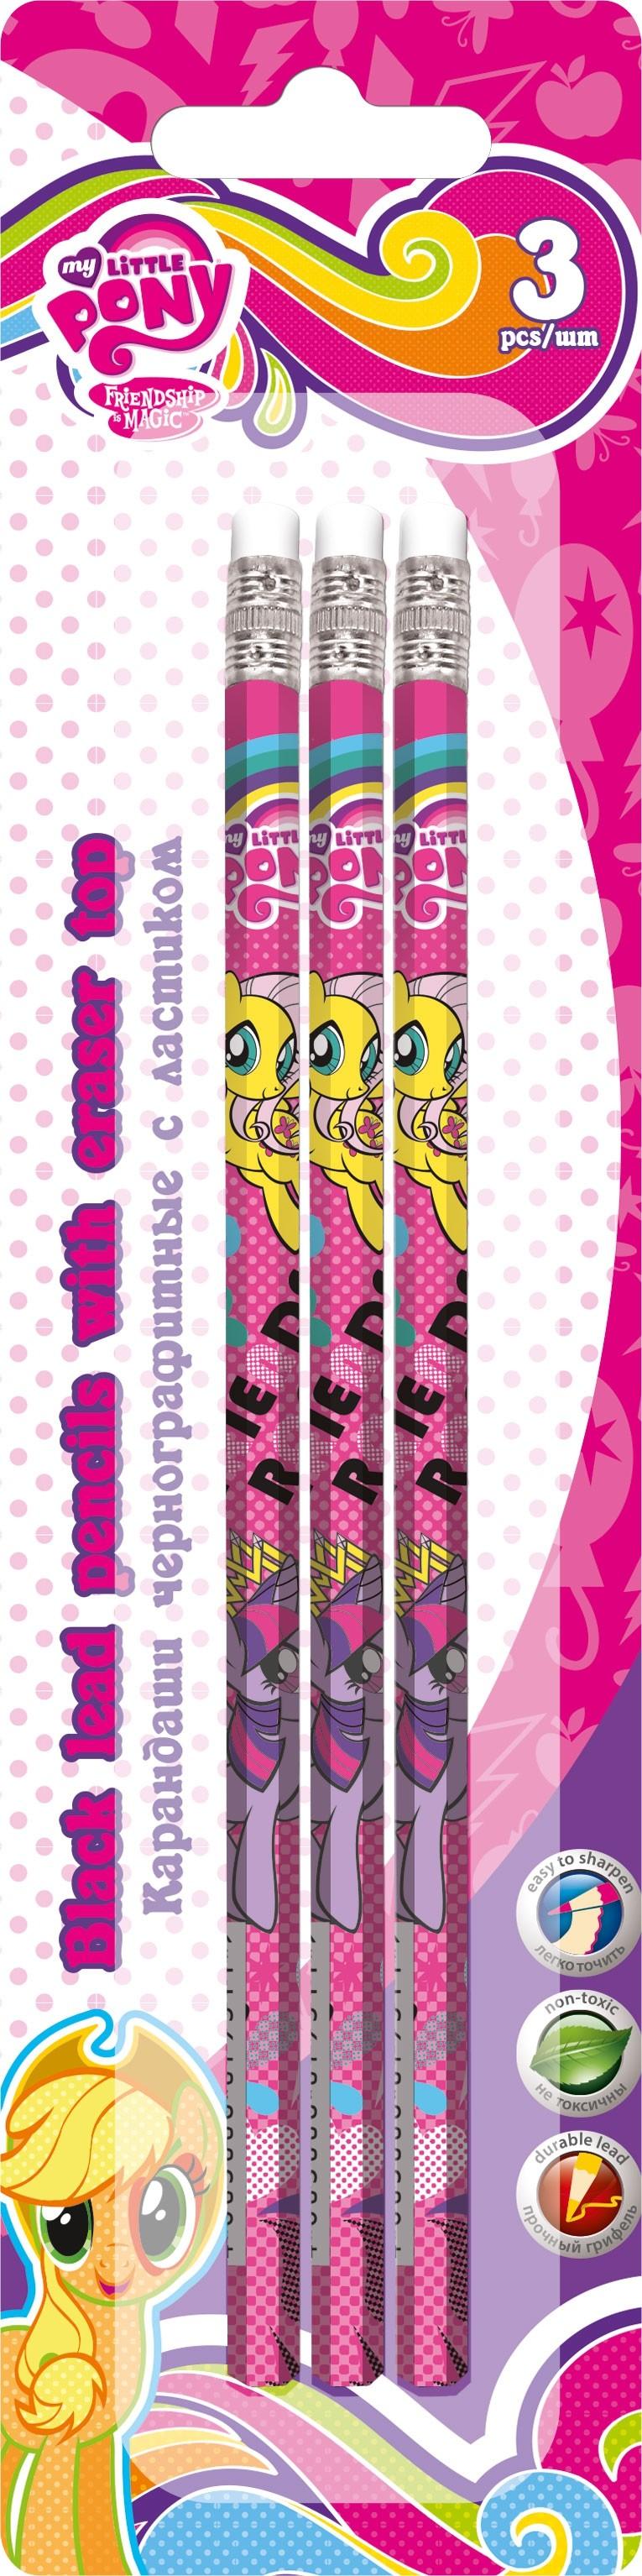 Набор чернографитных карандашей My Little Pony 3 шт. lego friends набор чернографитных карандашей 6 шт 51594